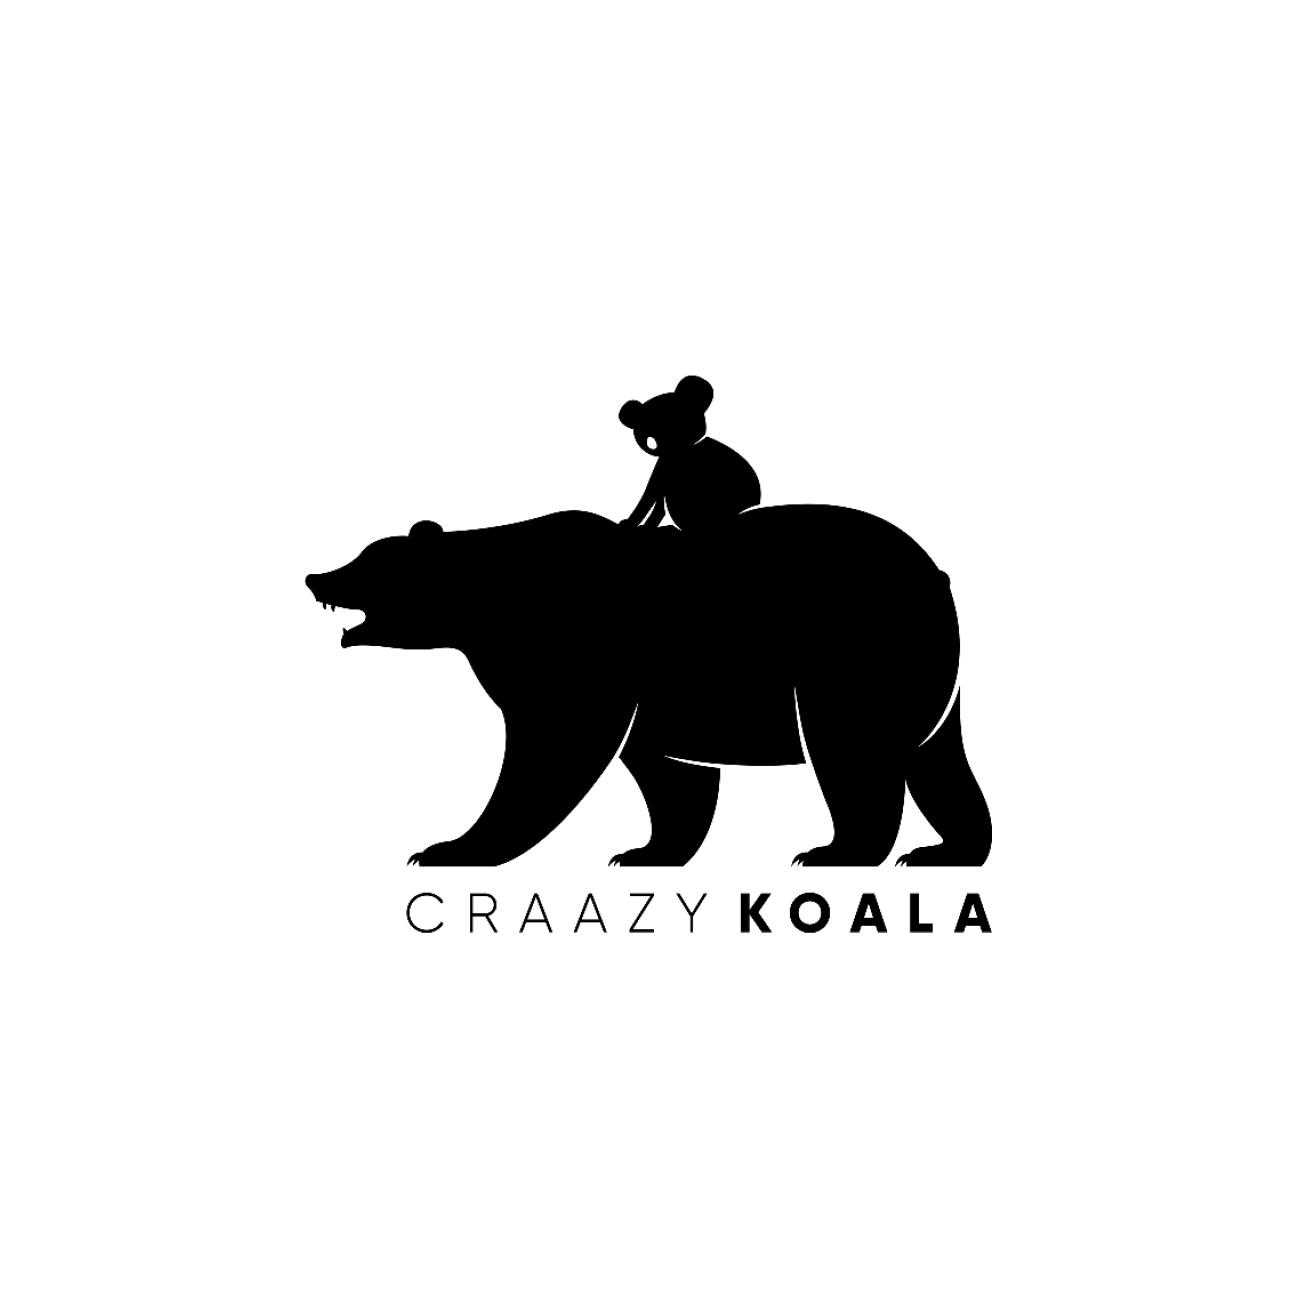 logo_design_3.jpg